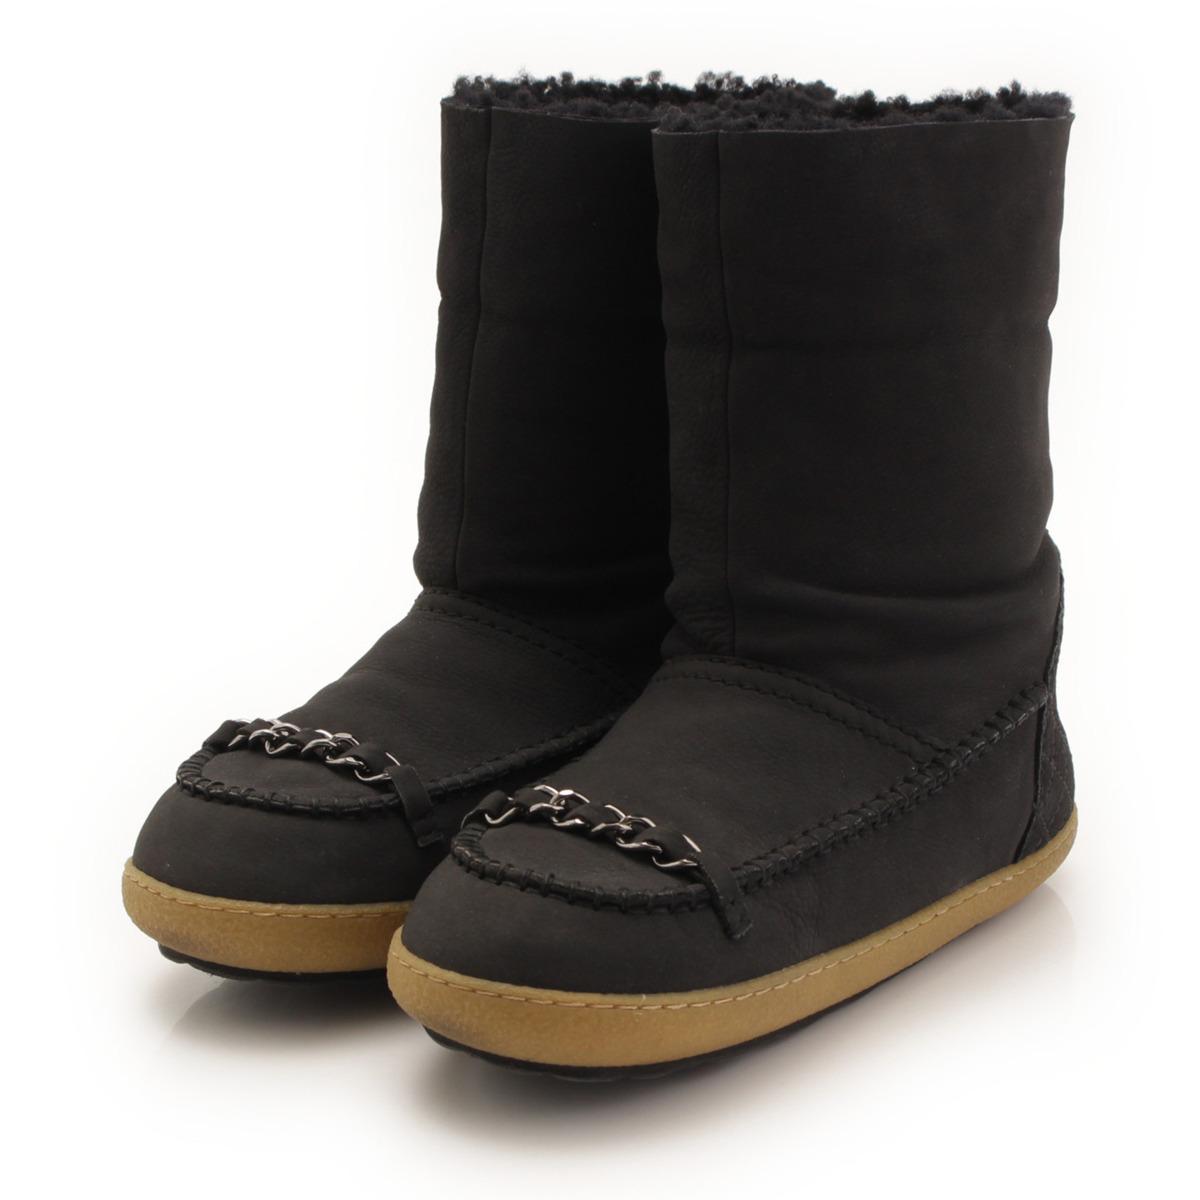 【シャネル】Chanel ムートン レザー チェーン ブーツ ブラック 35 【中古】【鑑定済・正規品保証】【送料無料】33592